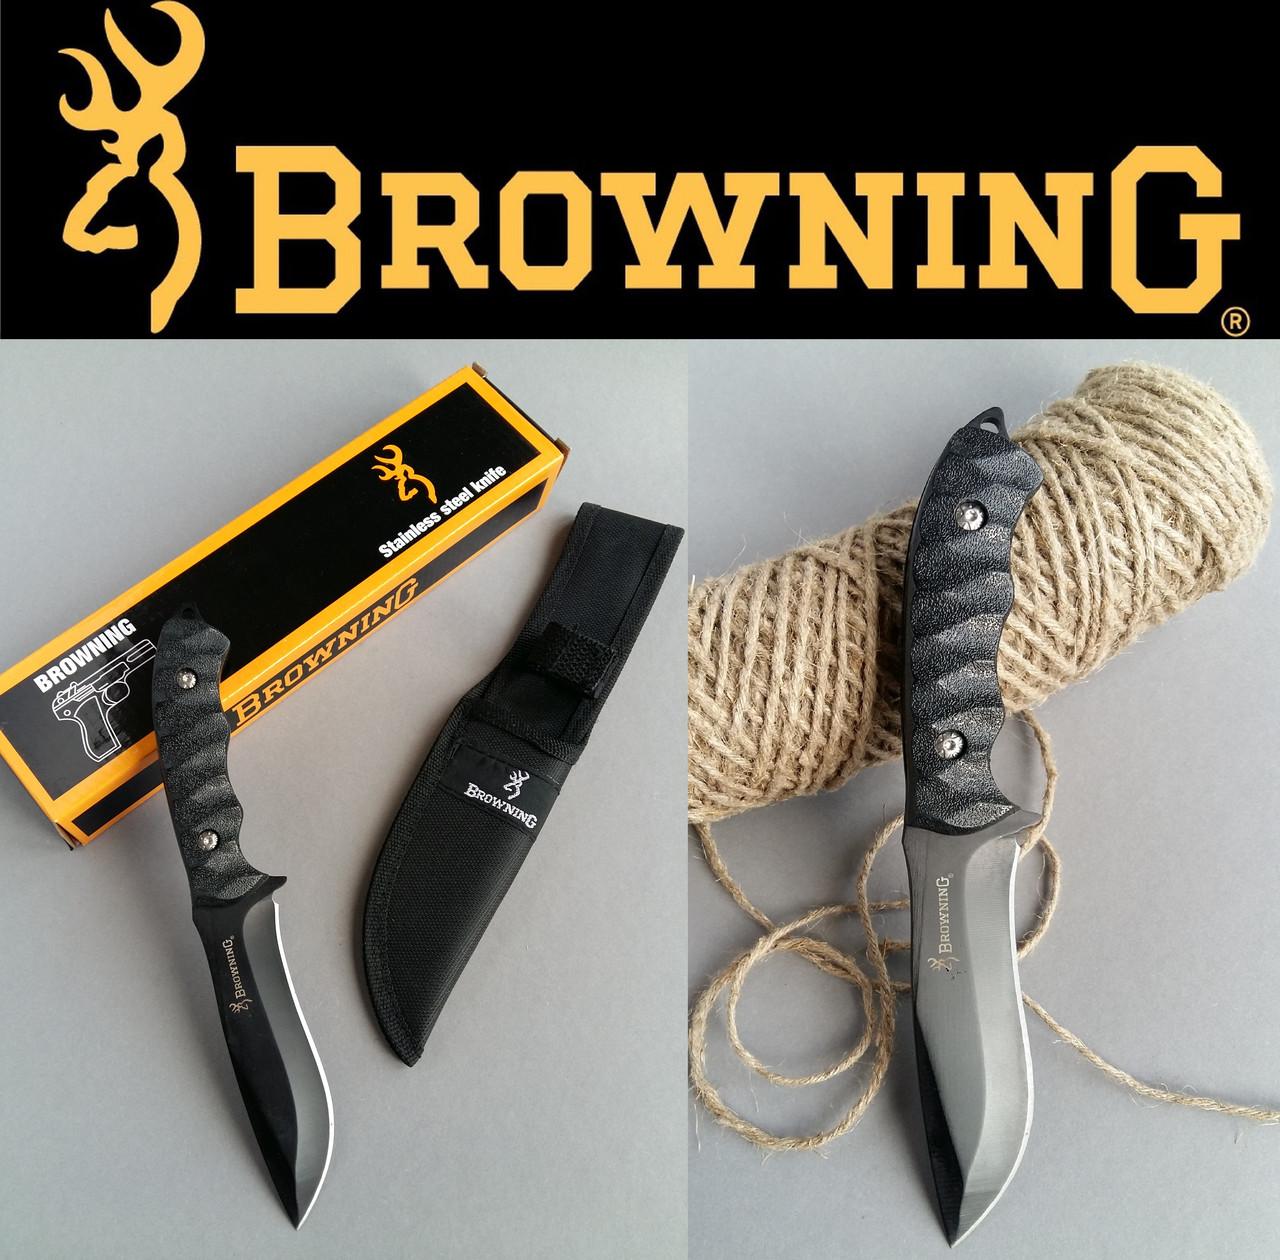 Тактический нескладной нож Browning. Ножи туристические и охотничьи с фиксированным клинком